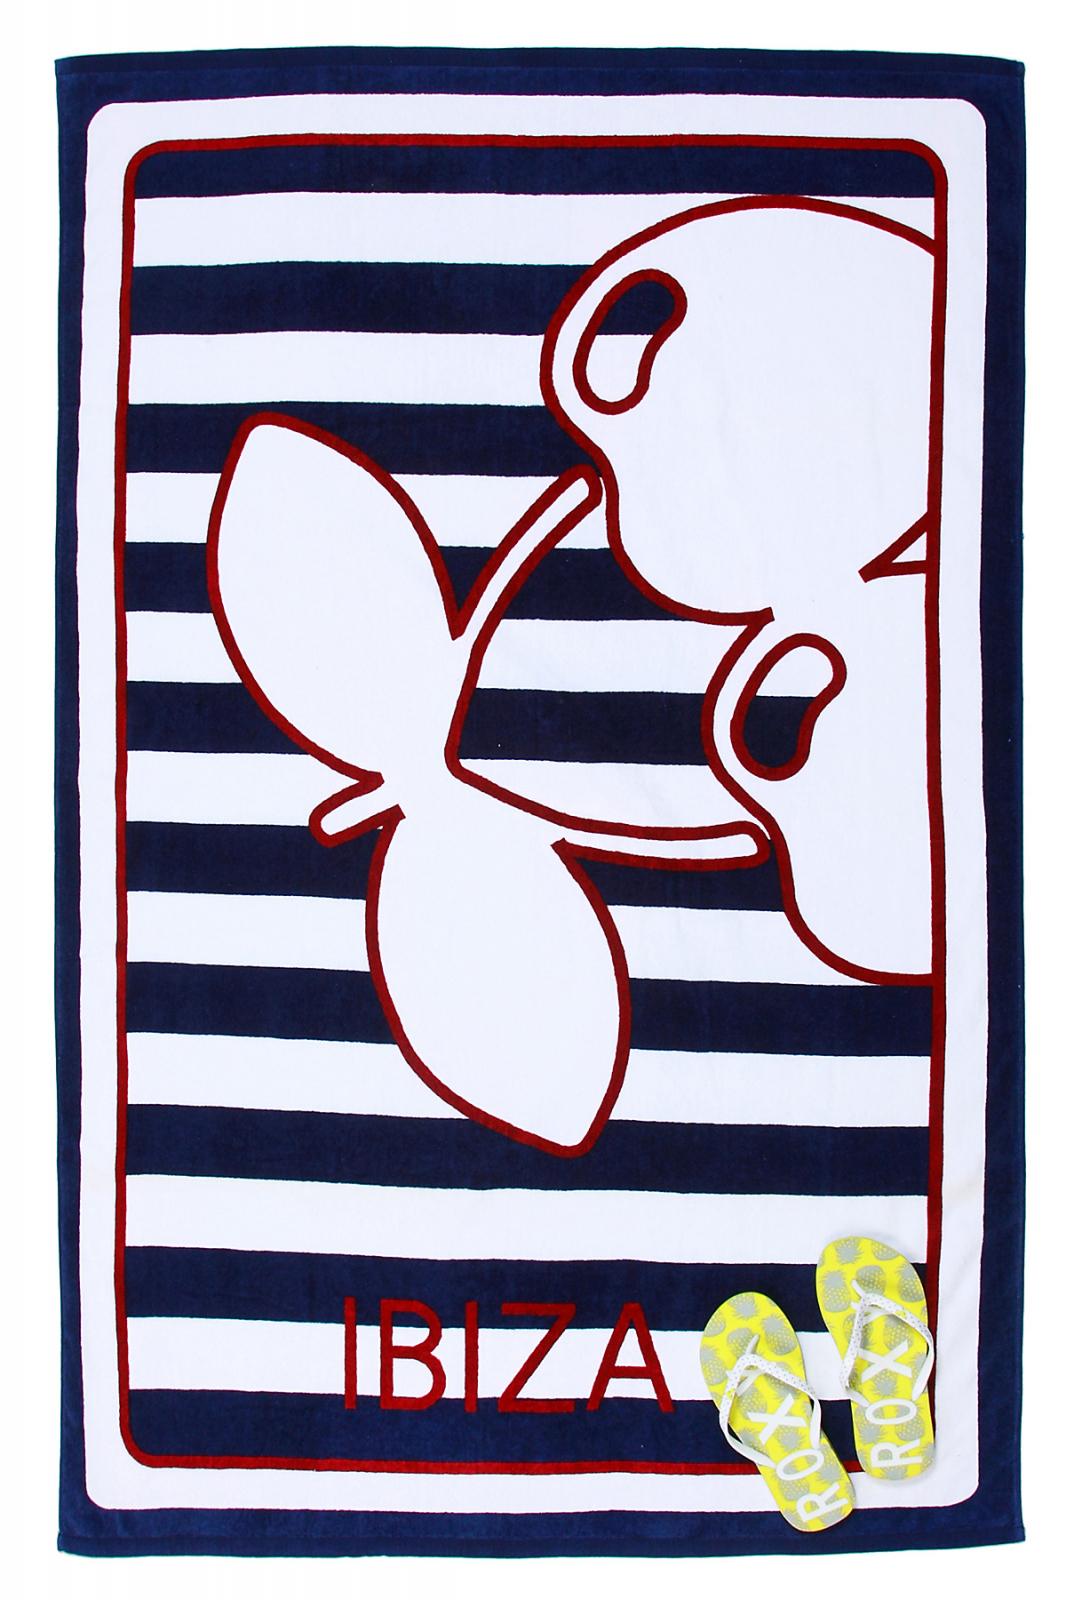 Пляжные полотенца Ибица для оптово-розничных заказов с доставкой